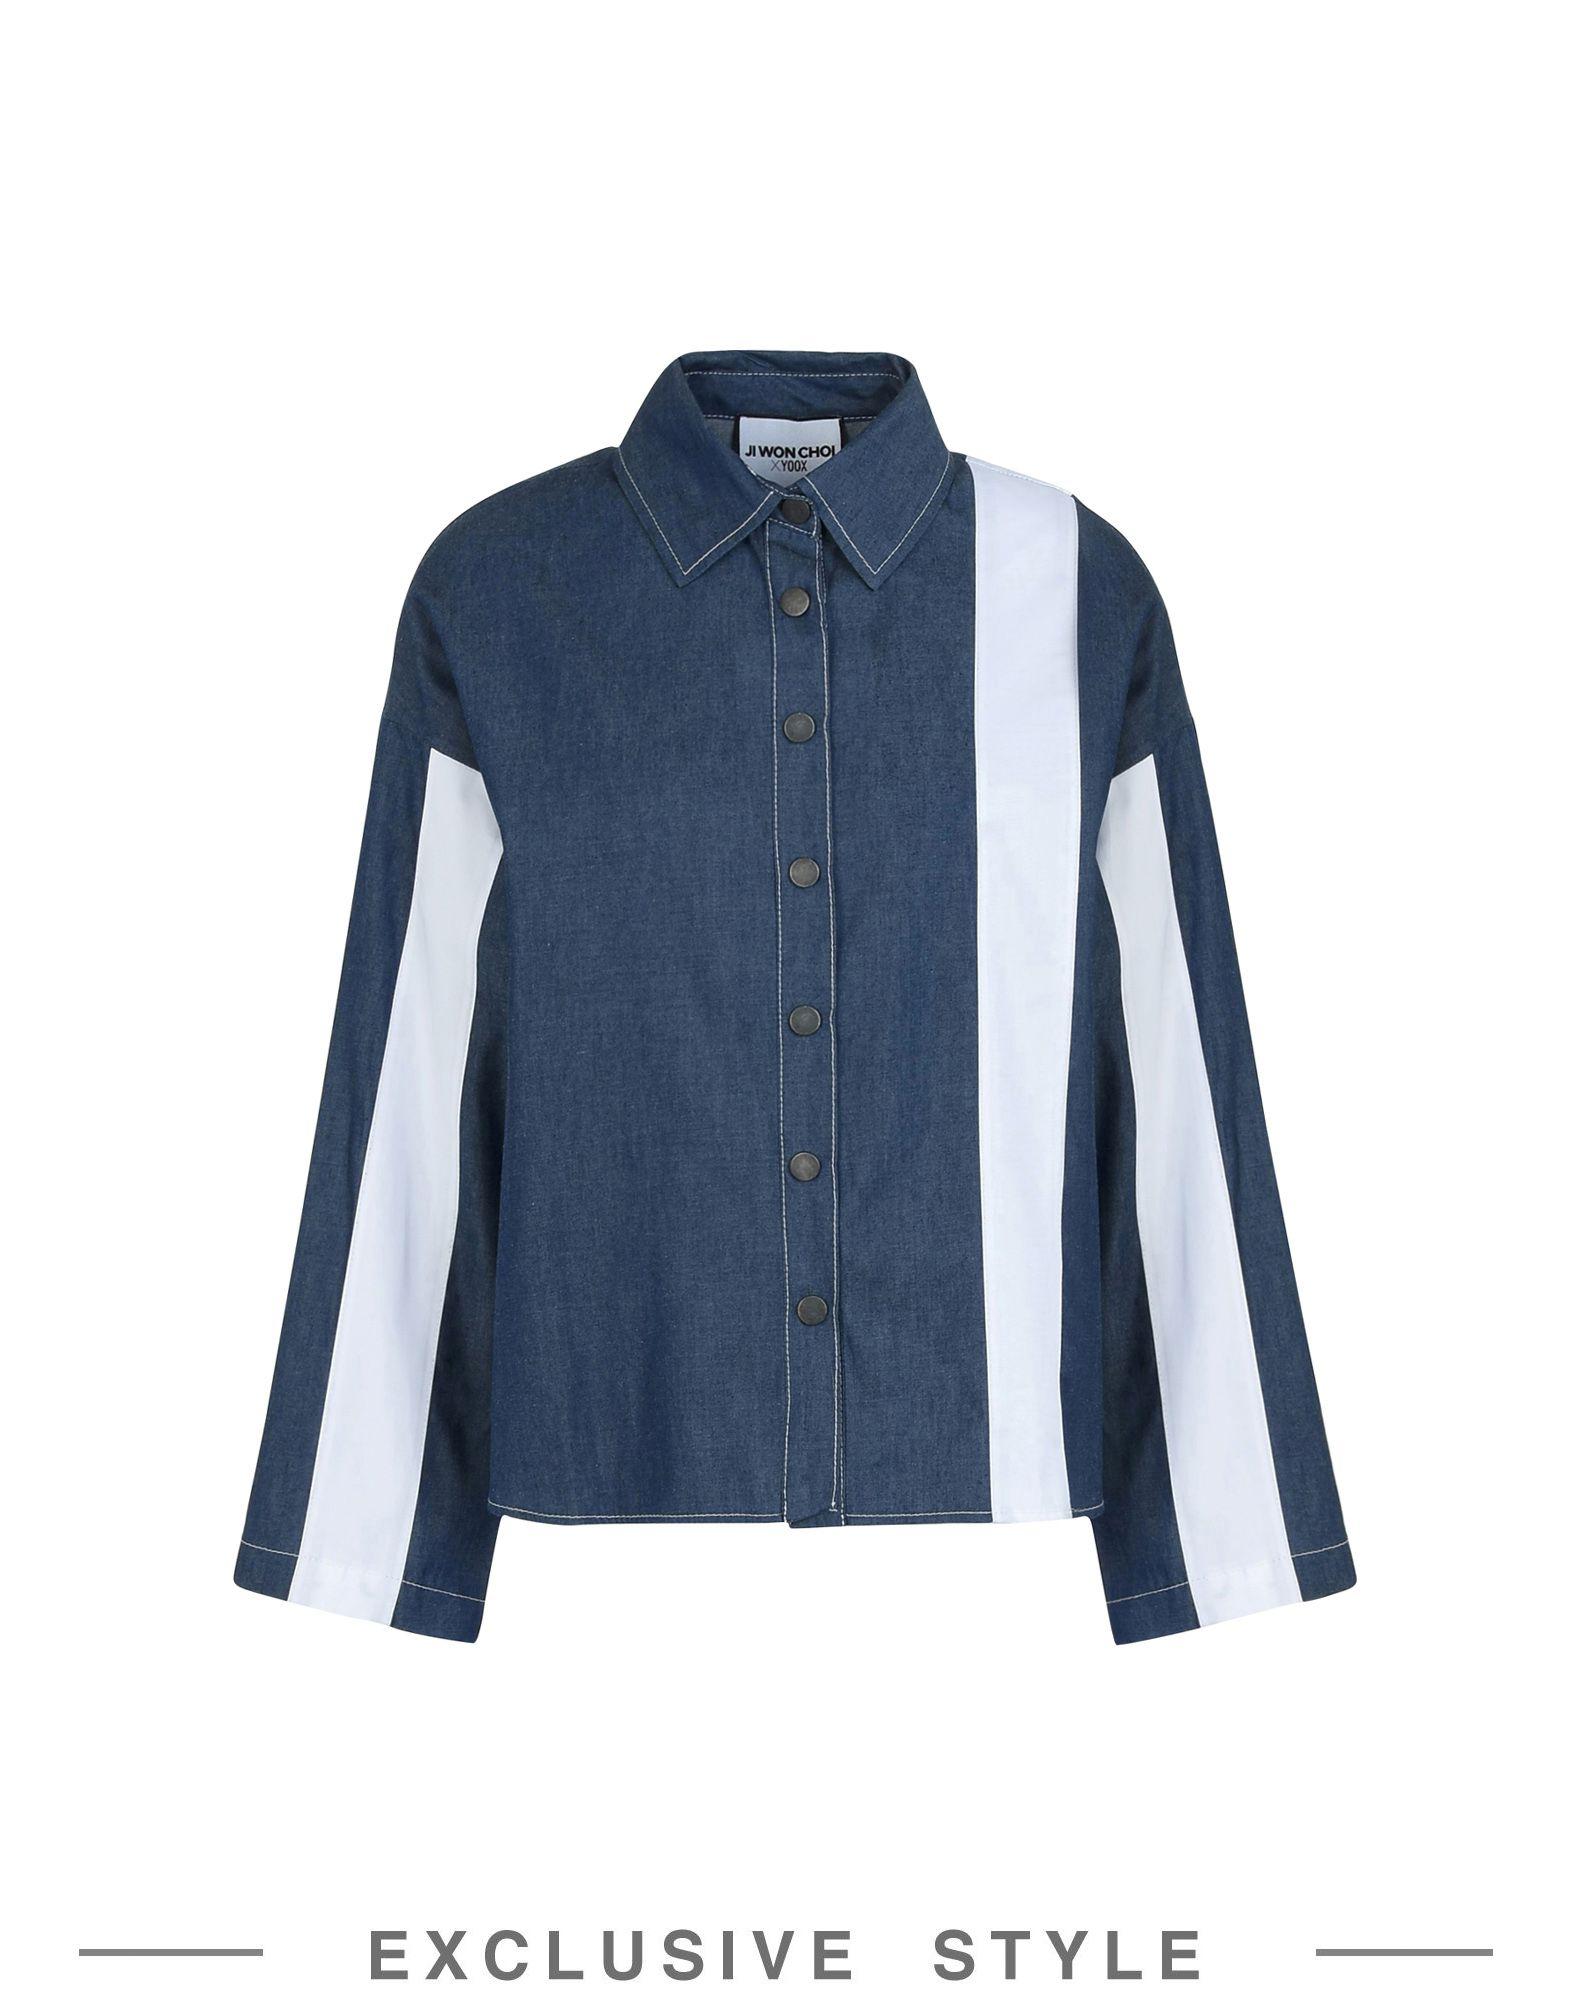 JI WON CHOI x YOOX Джинсовая рубашка